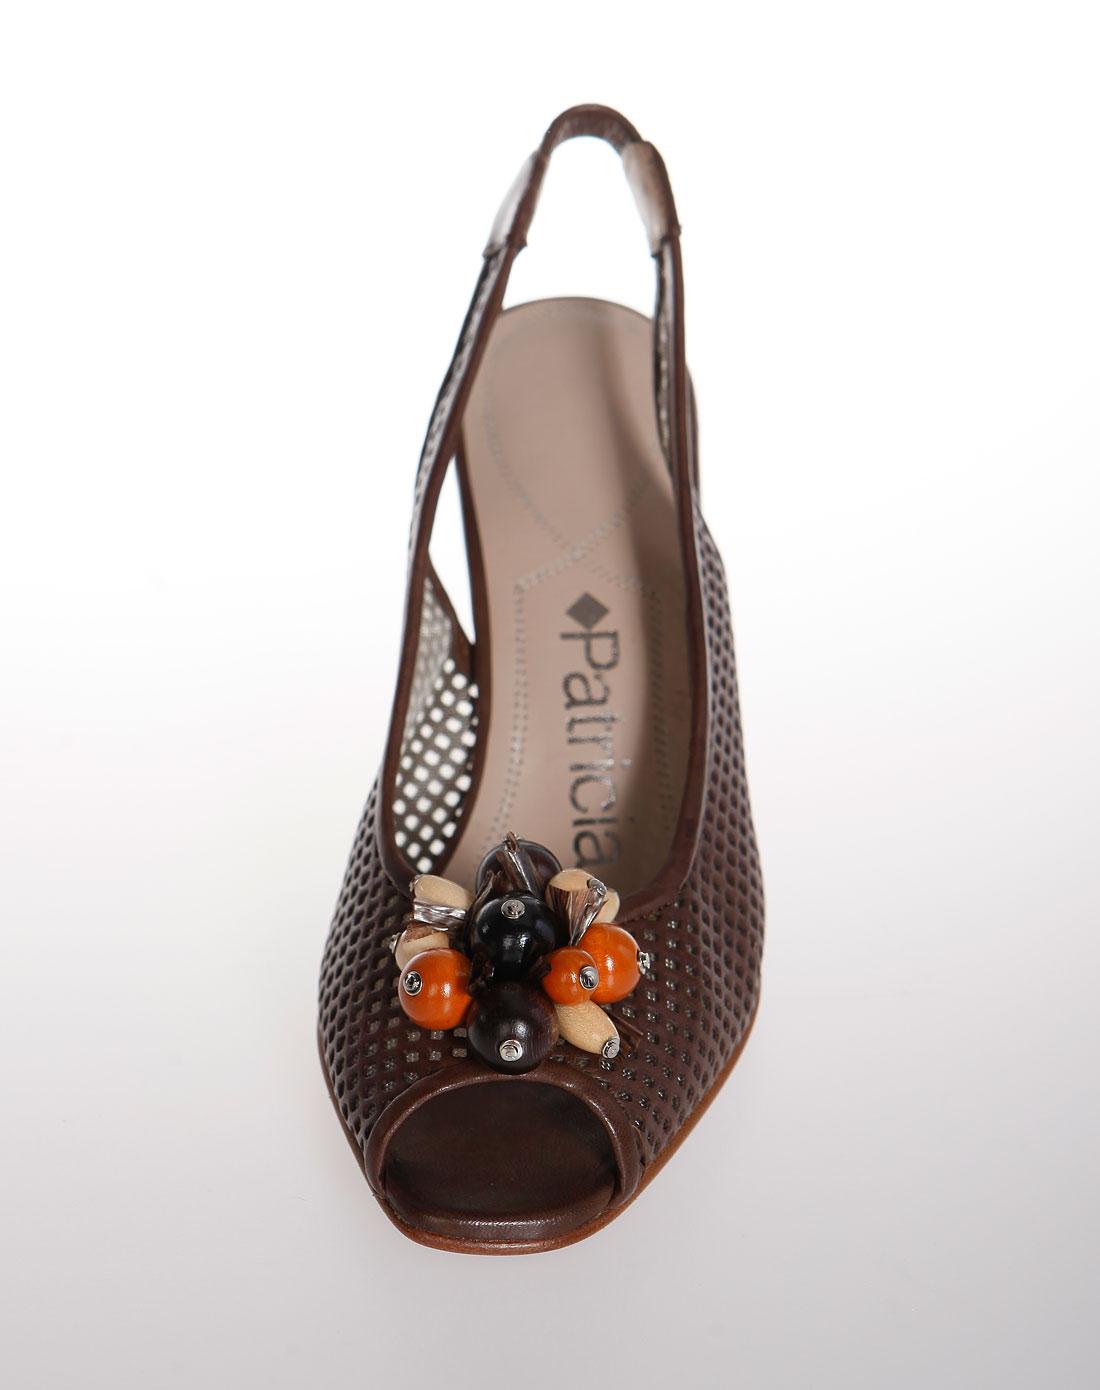 帕翠亚patricia女款雅致优雅个性鞋跟鱼嘴镂空凉鞋色